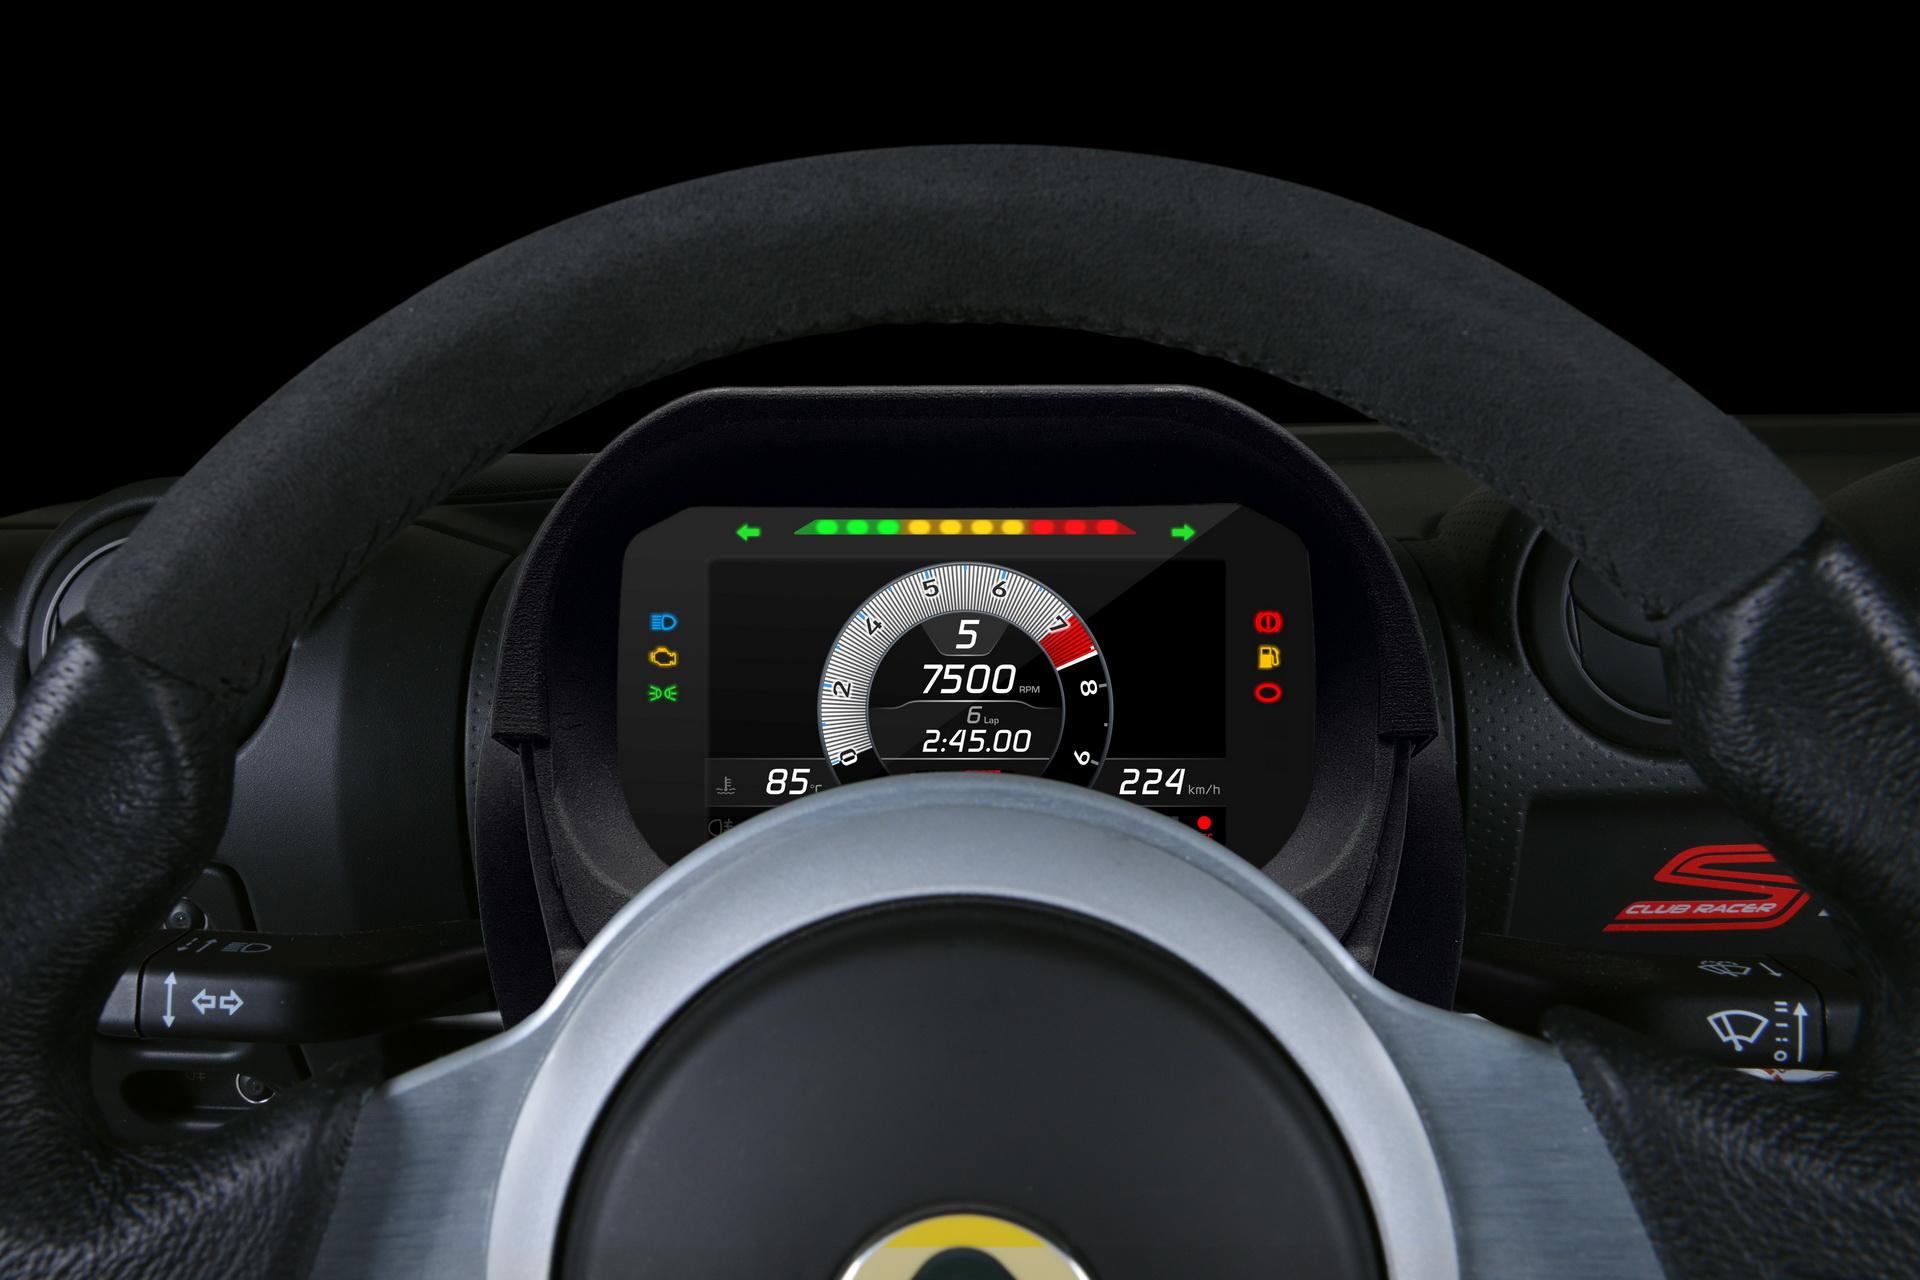 Utólag beszerelhető digitális műszeregységet kínál a Lotus az Exige és Elise modellekhez